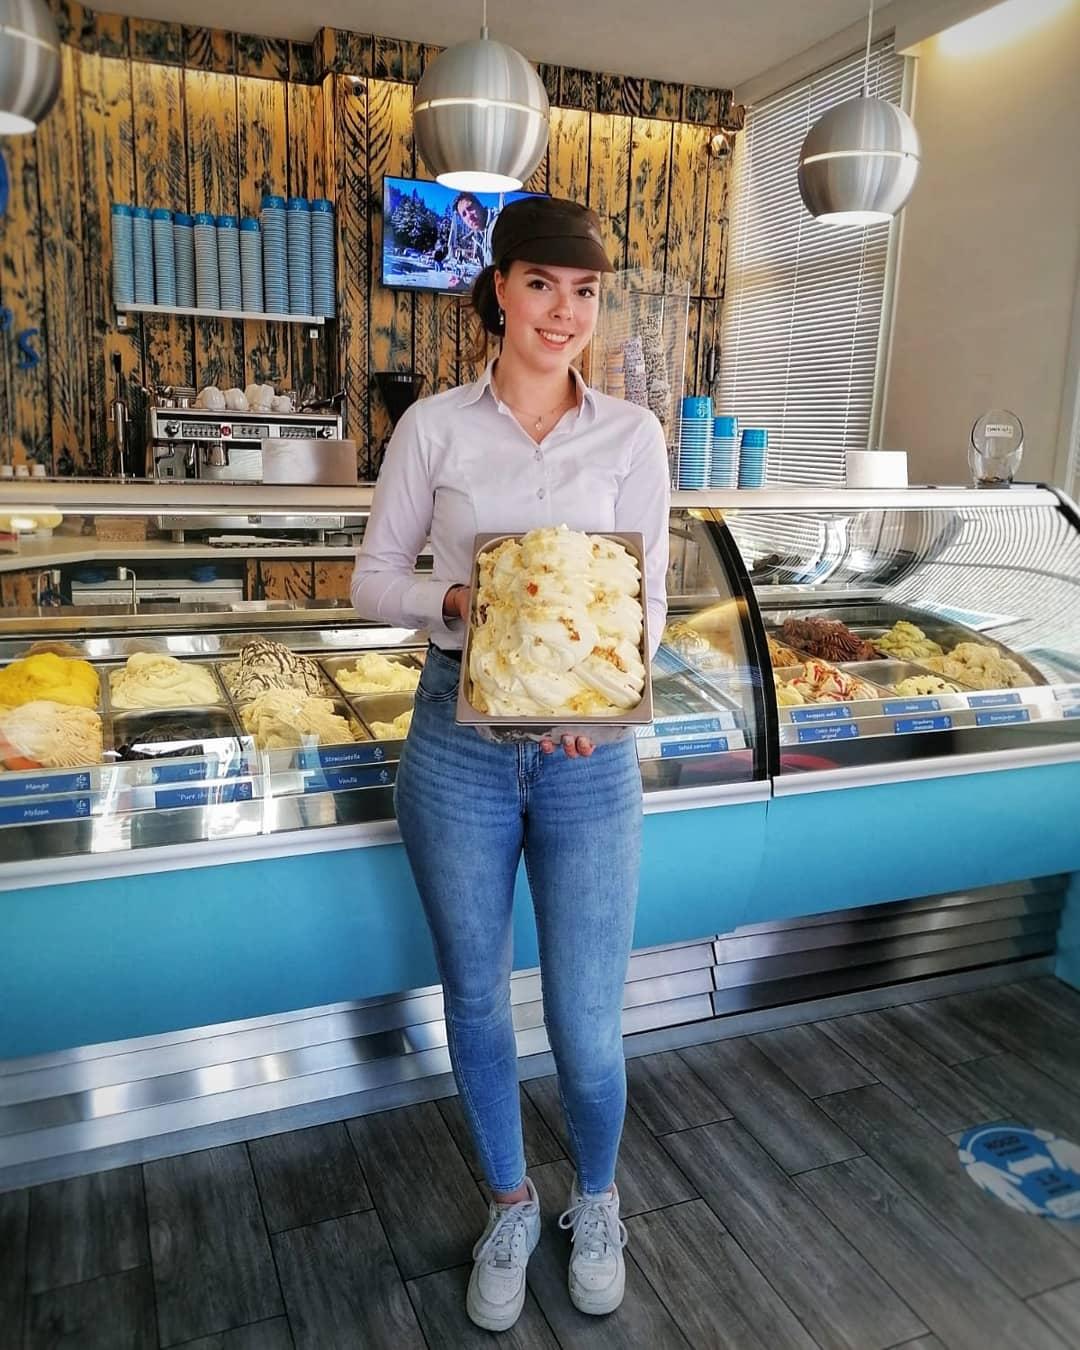 Deze favoriet kon natuurlijk niet lang wegblijven! Wie herkent het ijsje van onze blije Melissa? 🏽🥞🍋 Oma's Cake ligt vanaf vandaag weer in de winkels! Gemaakt met heerlijk cakebeslag en daarin een vleugje citroen.